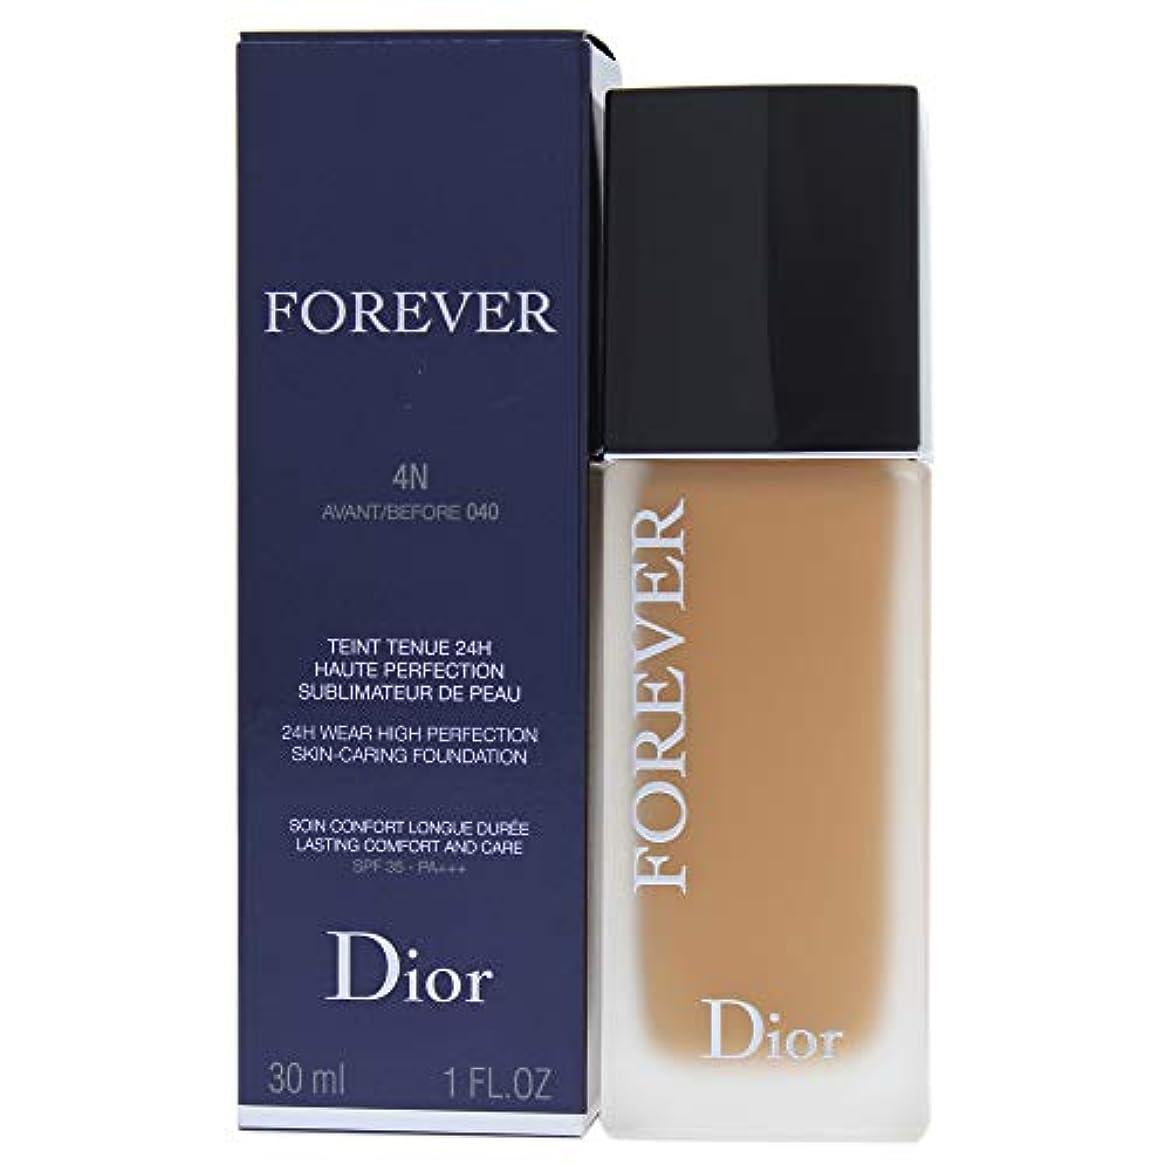 強制的妥協チョーククリスチャンディオール Dior Forever 24H Wear High Perfection Foundation SPF 35 - # 4N (Neutral) 30ml/1oz並行輸入品